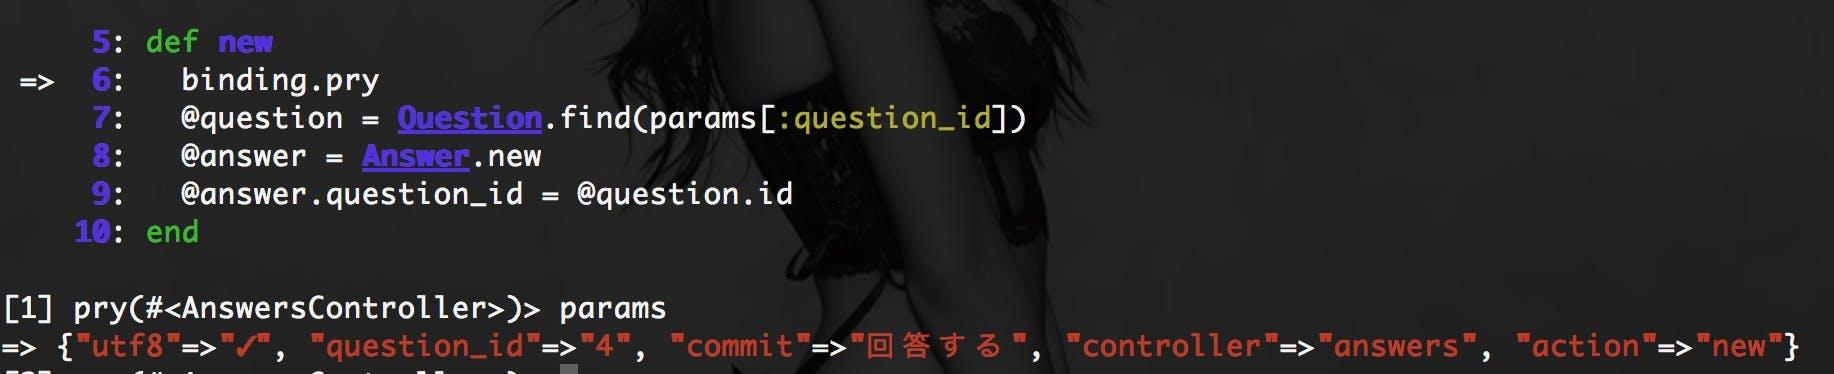 スクリーンショット 2017-11-11 18.03.35.jpg